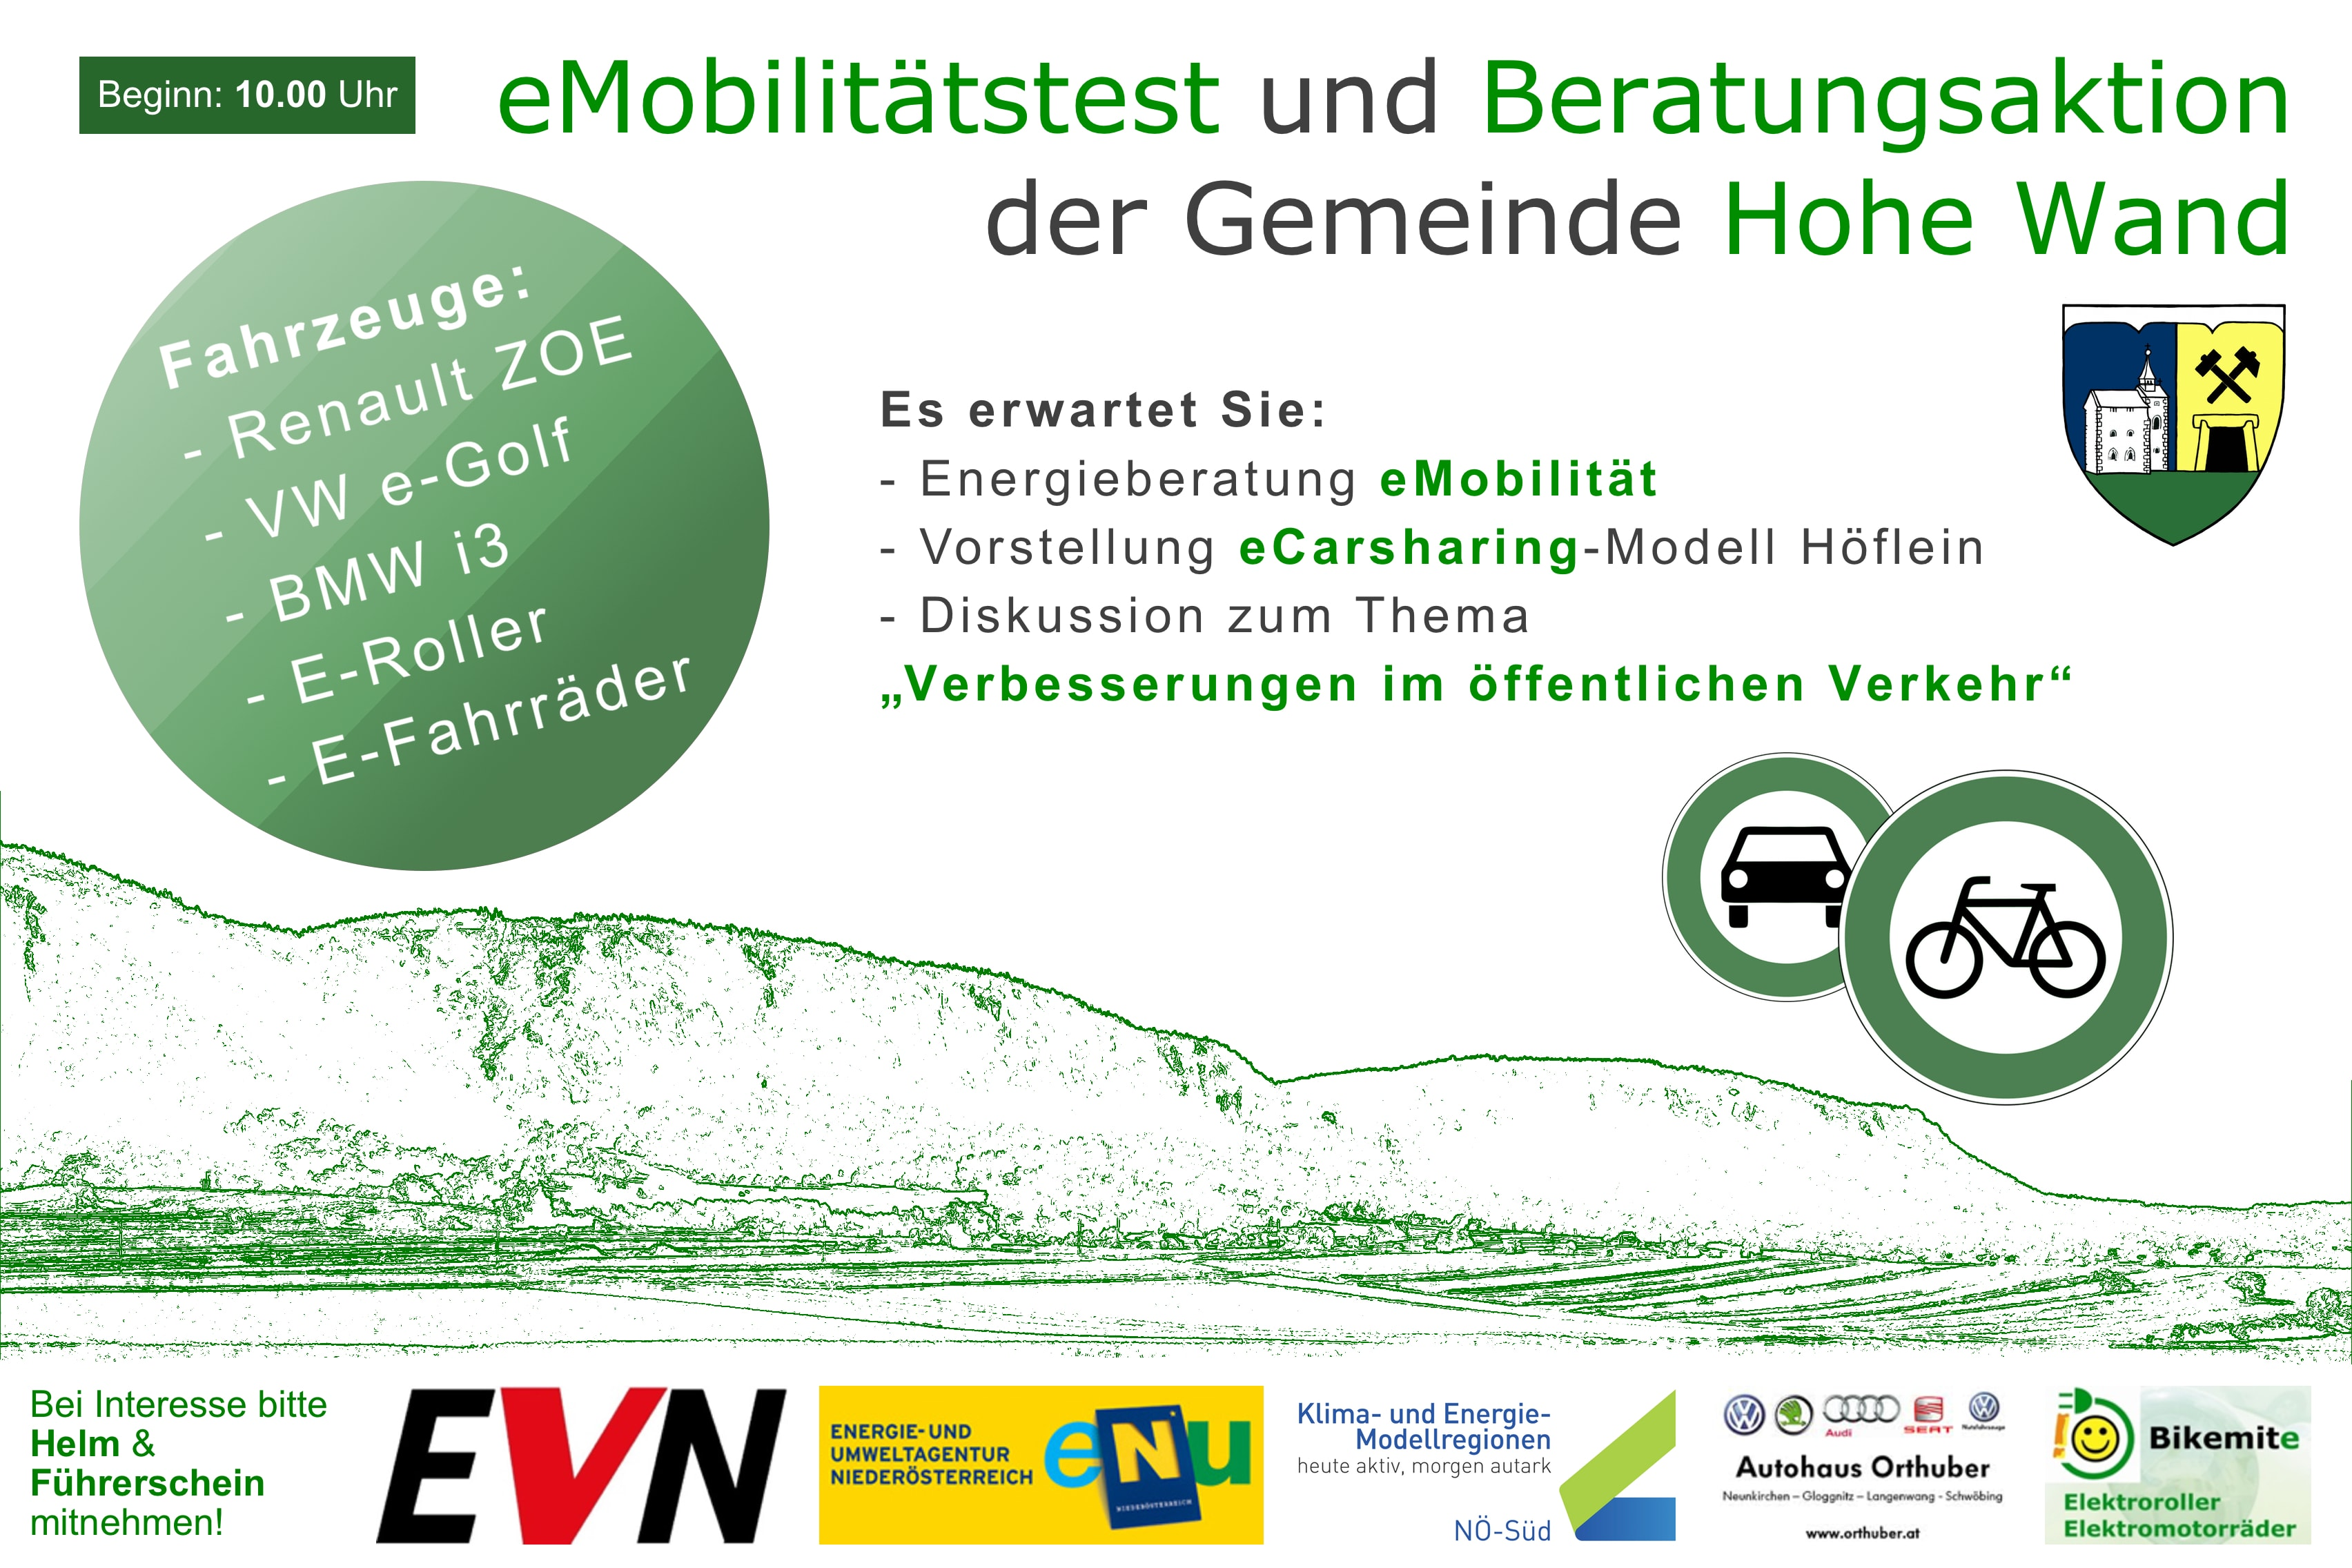 e-mobile Testaktion, Hohe Wand